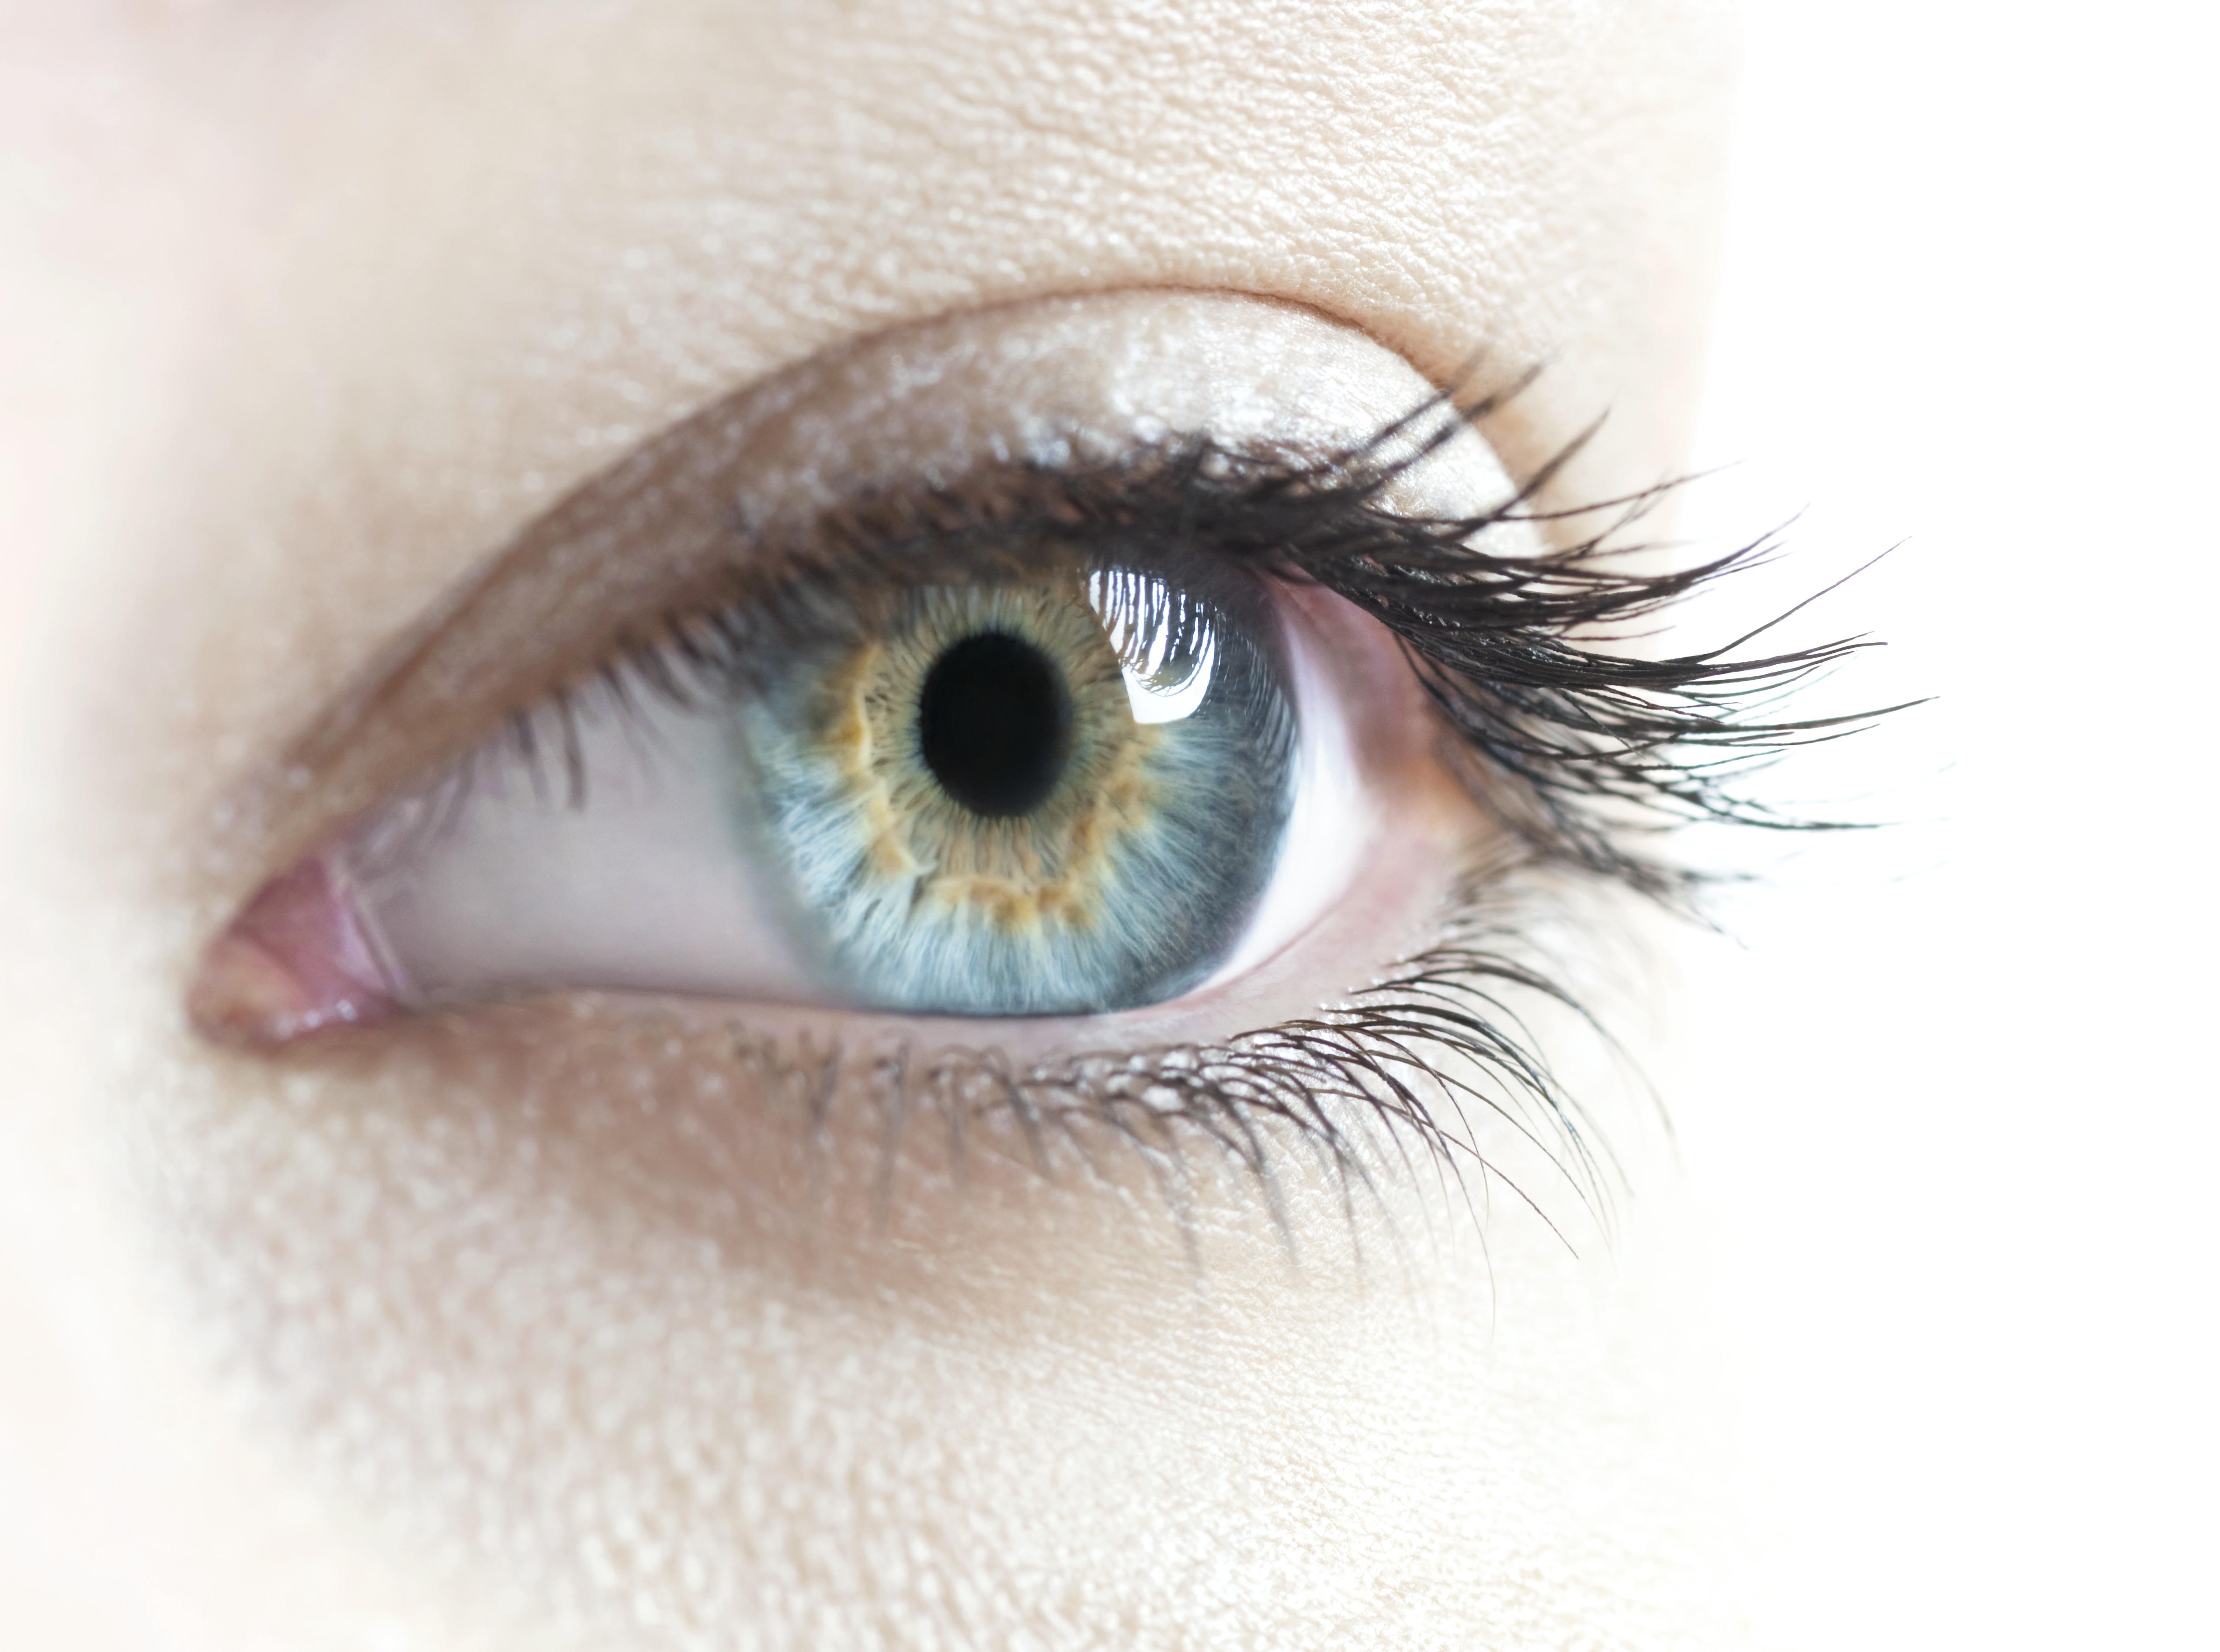 hogyan lehet ellenőrizni a látás szintjét szemvizsgálat színvakság táblázathoz